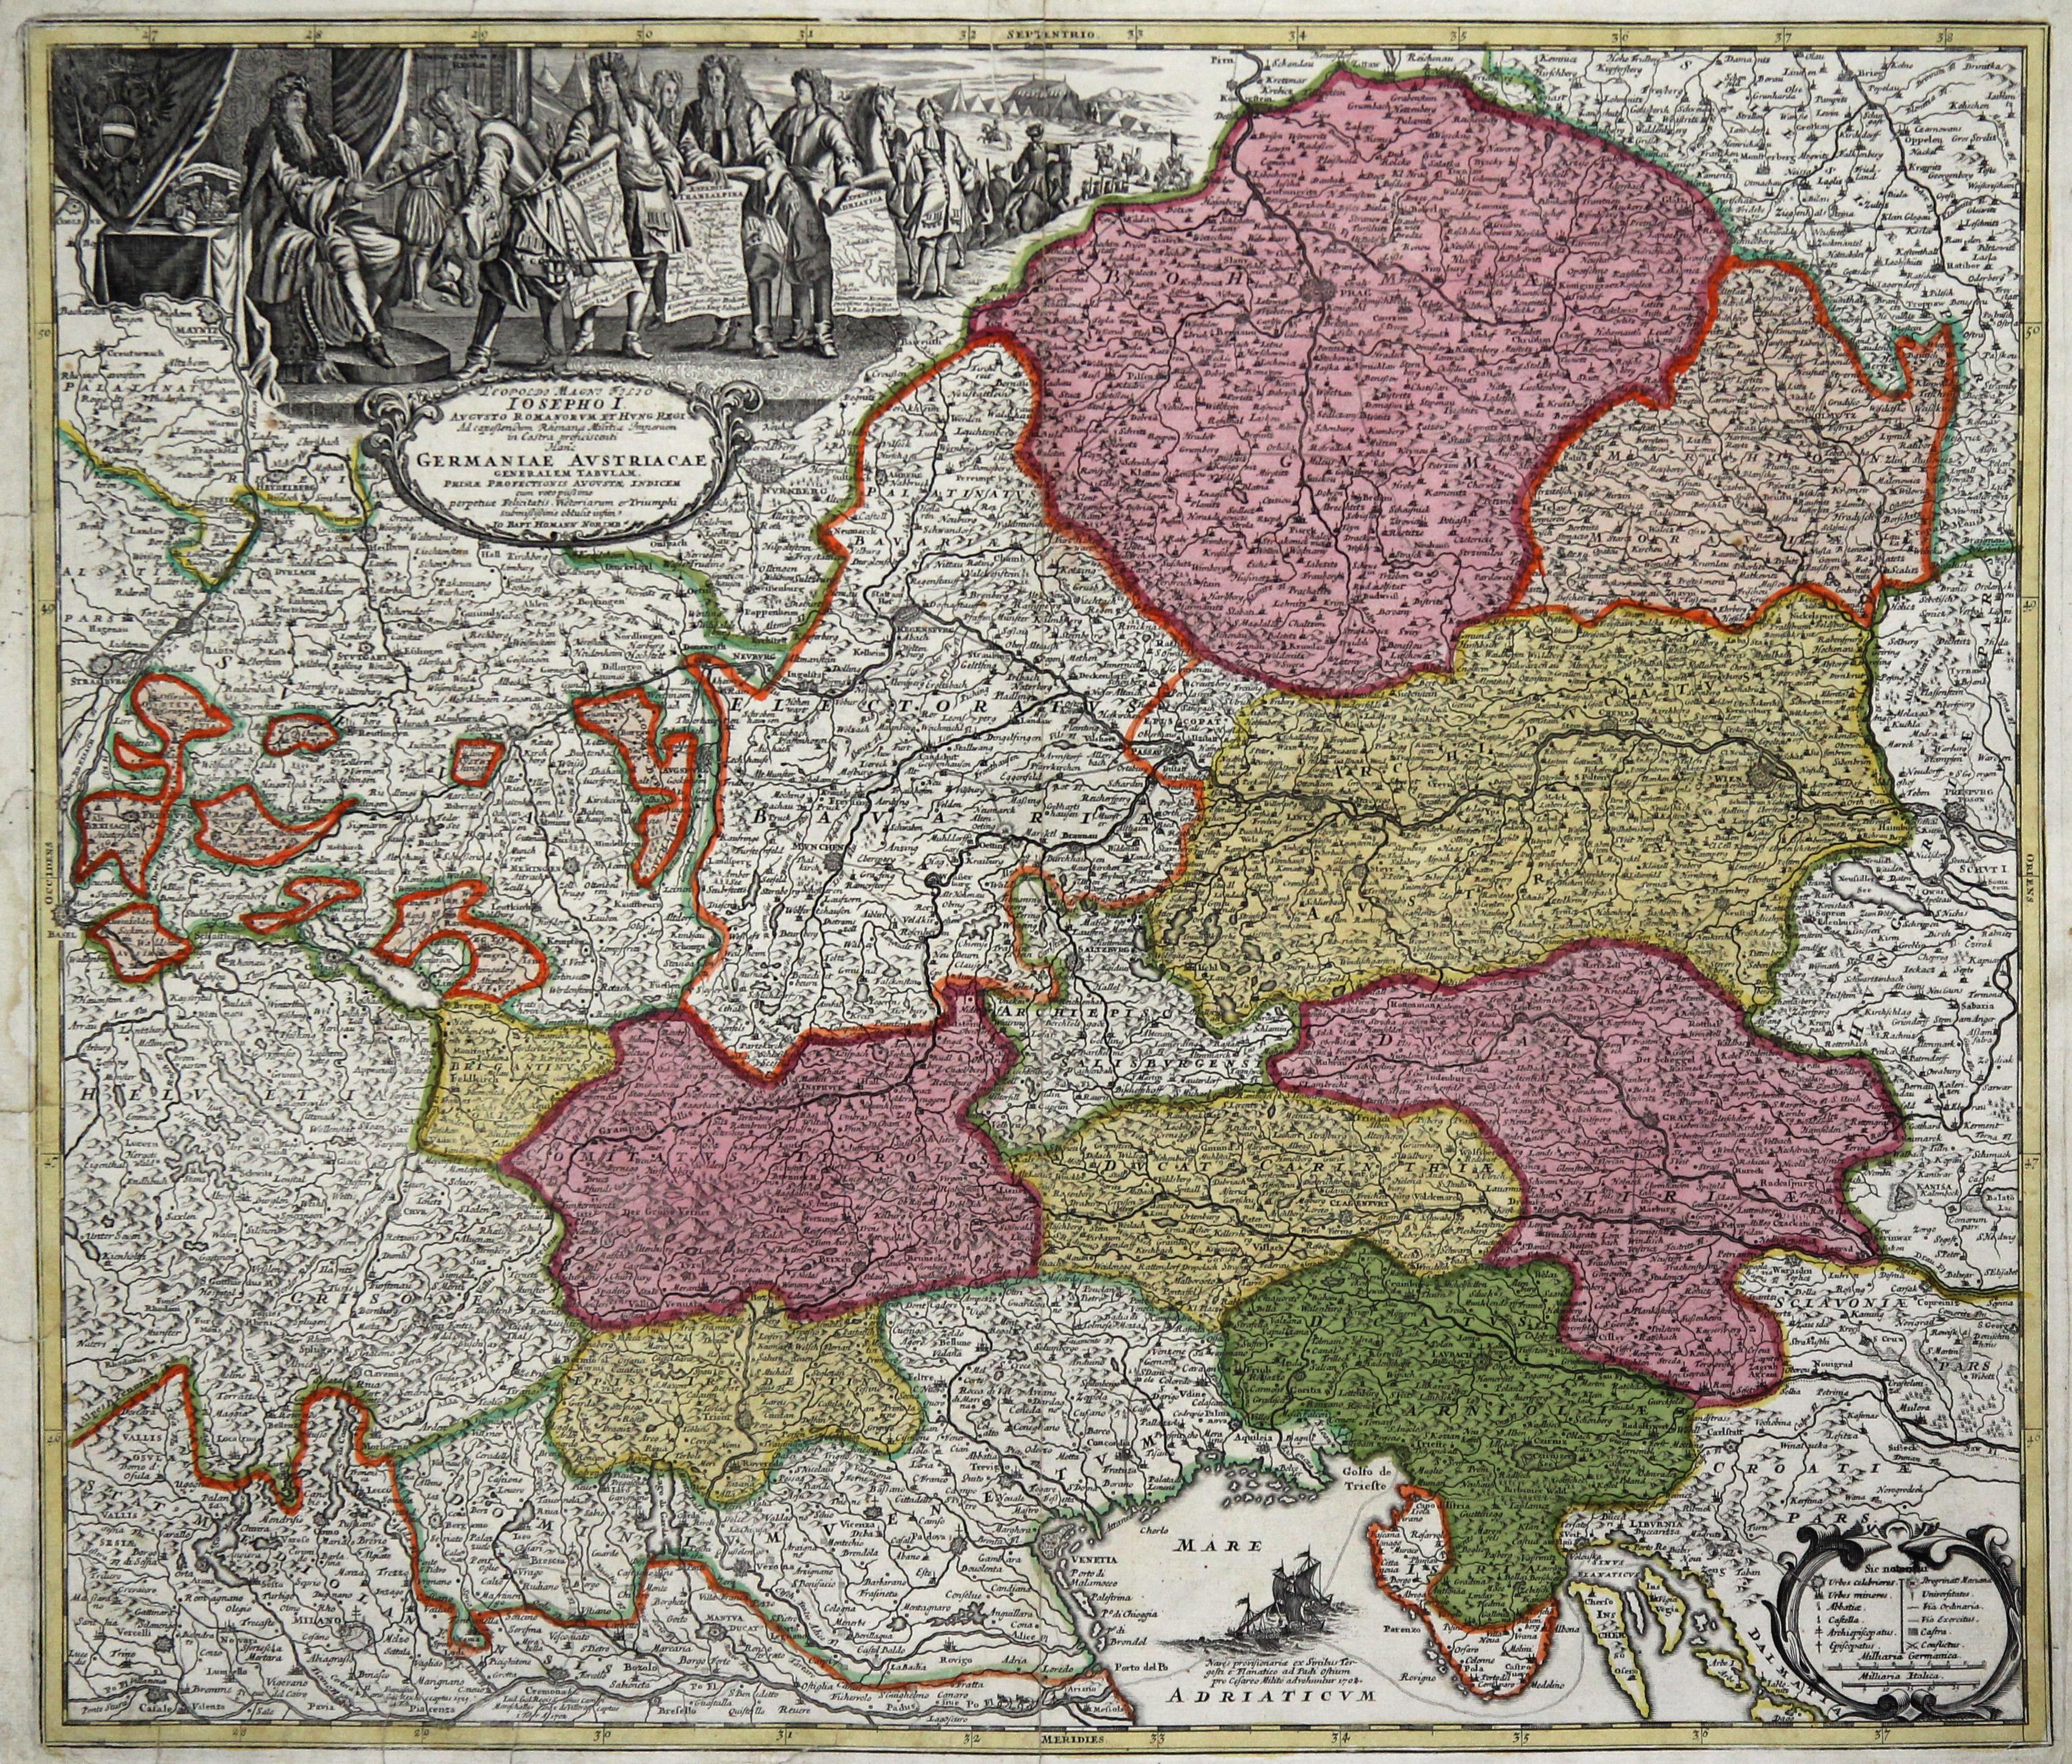 """Kst.- Karte, b. J. B. Homann, """"Leopoldi: Österreichischer Kreis:"""